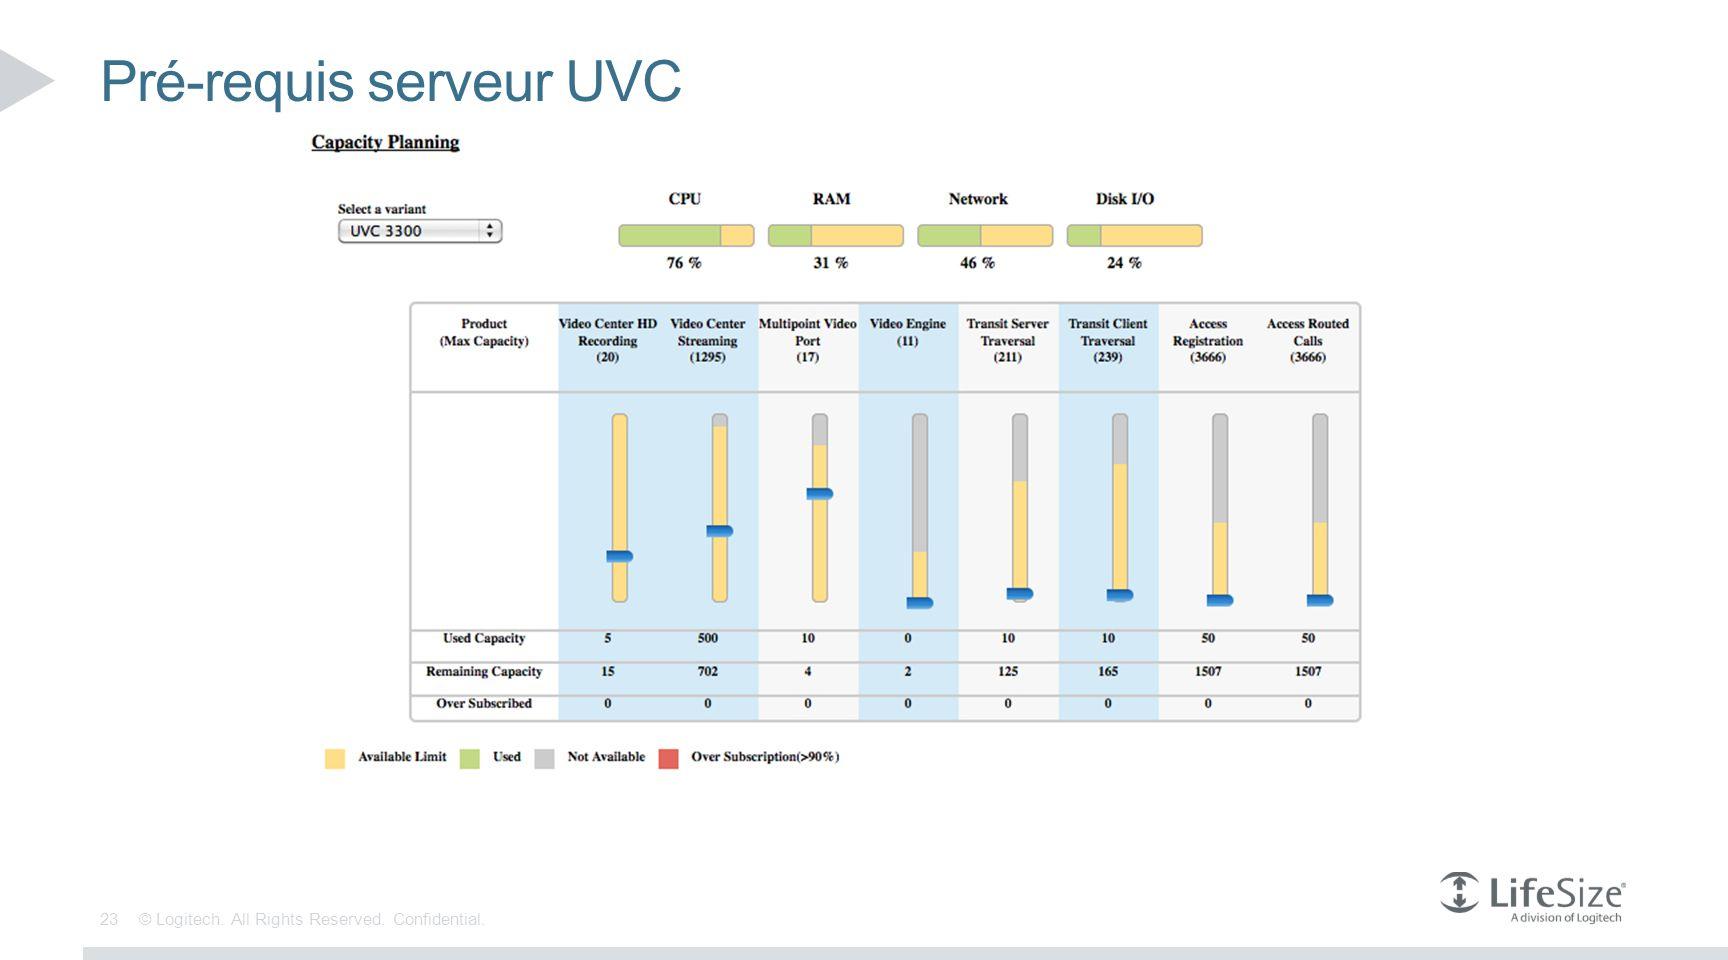 Pré-requis serveur UVC